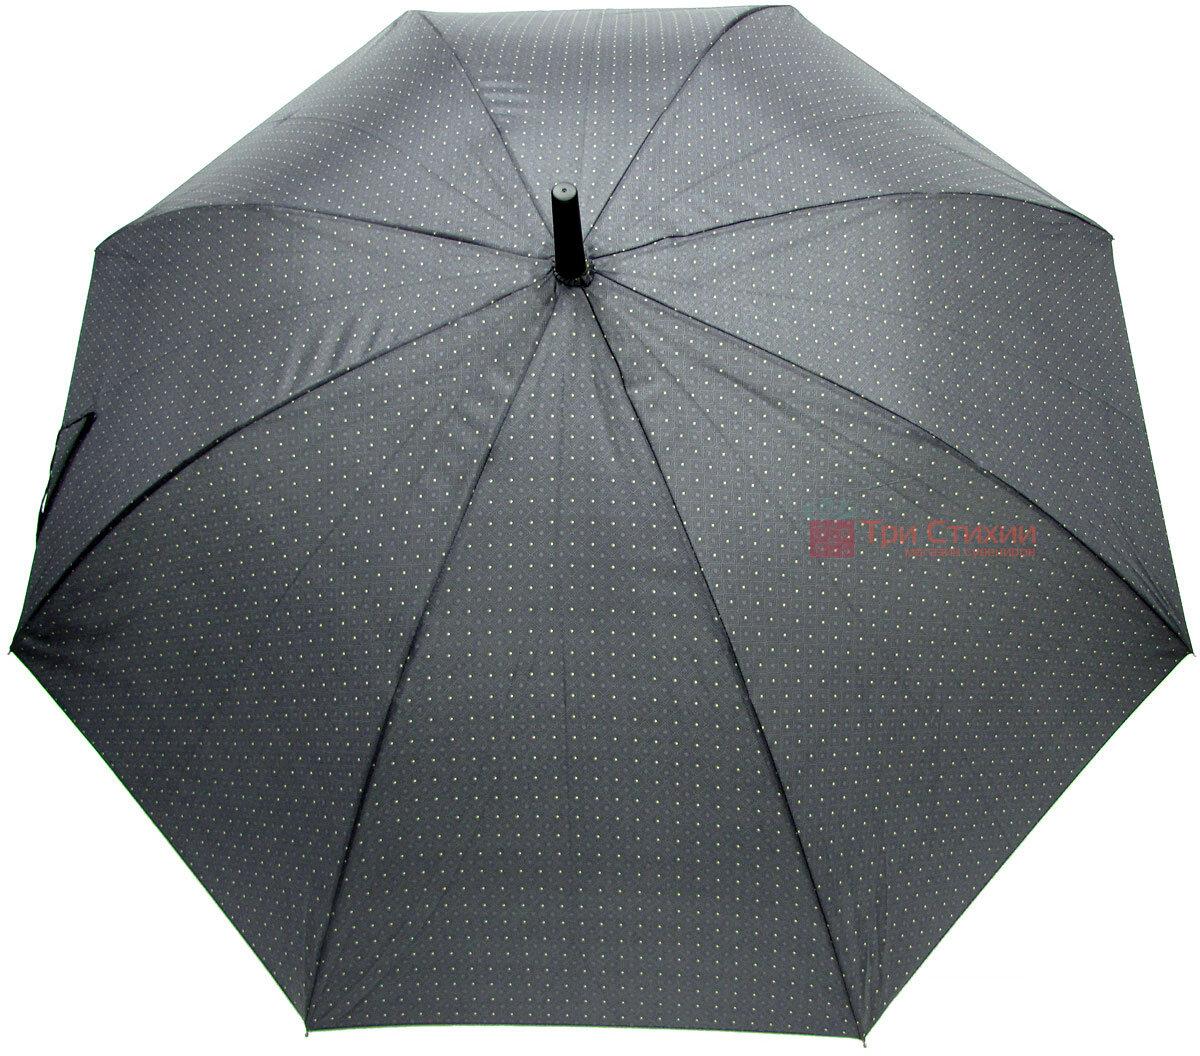 Зонт-трость Derby 77167P-1 полуавтомат Серый в ромбы, фото 2